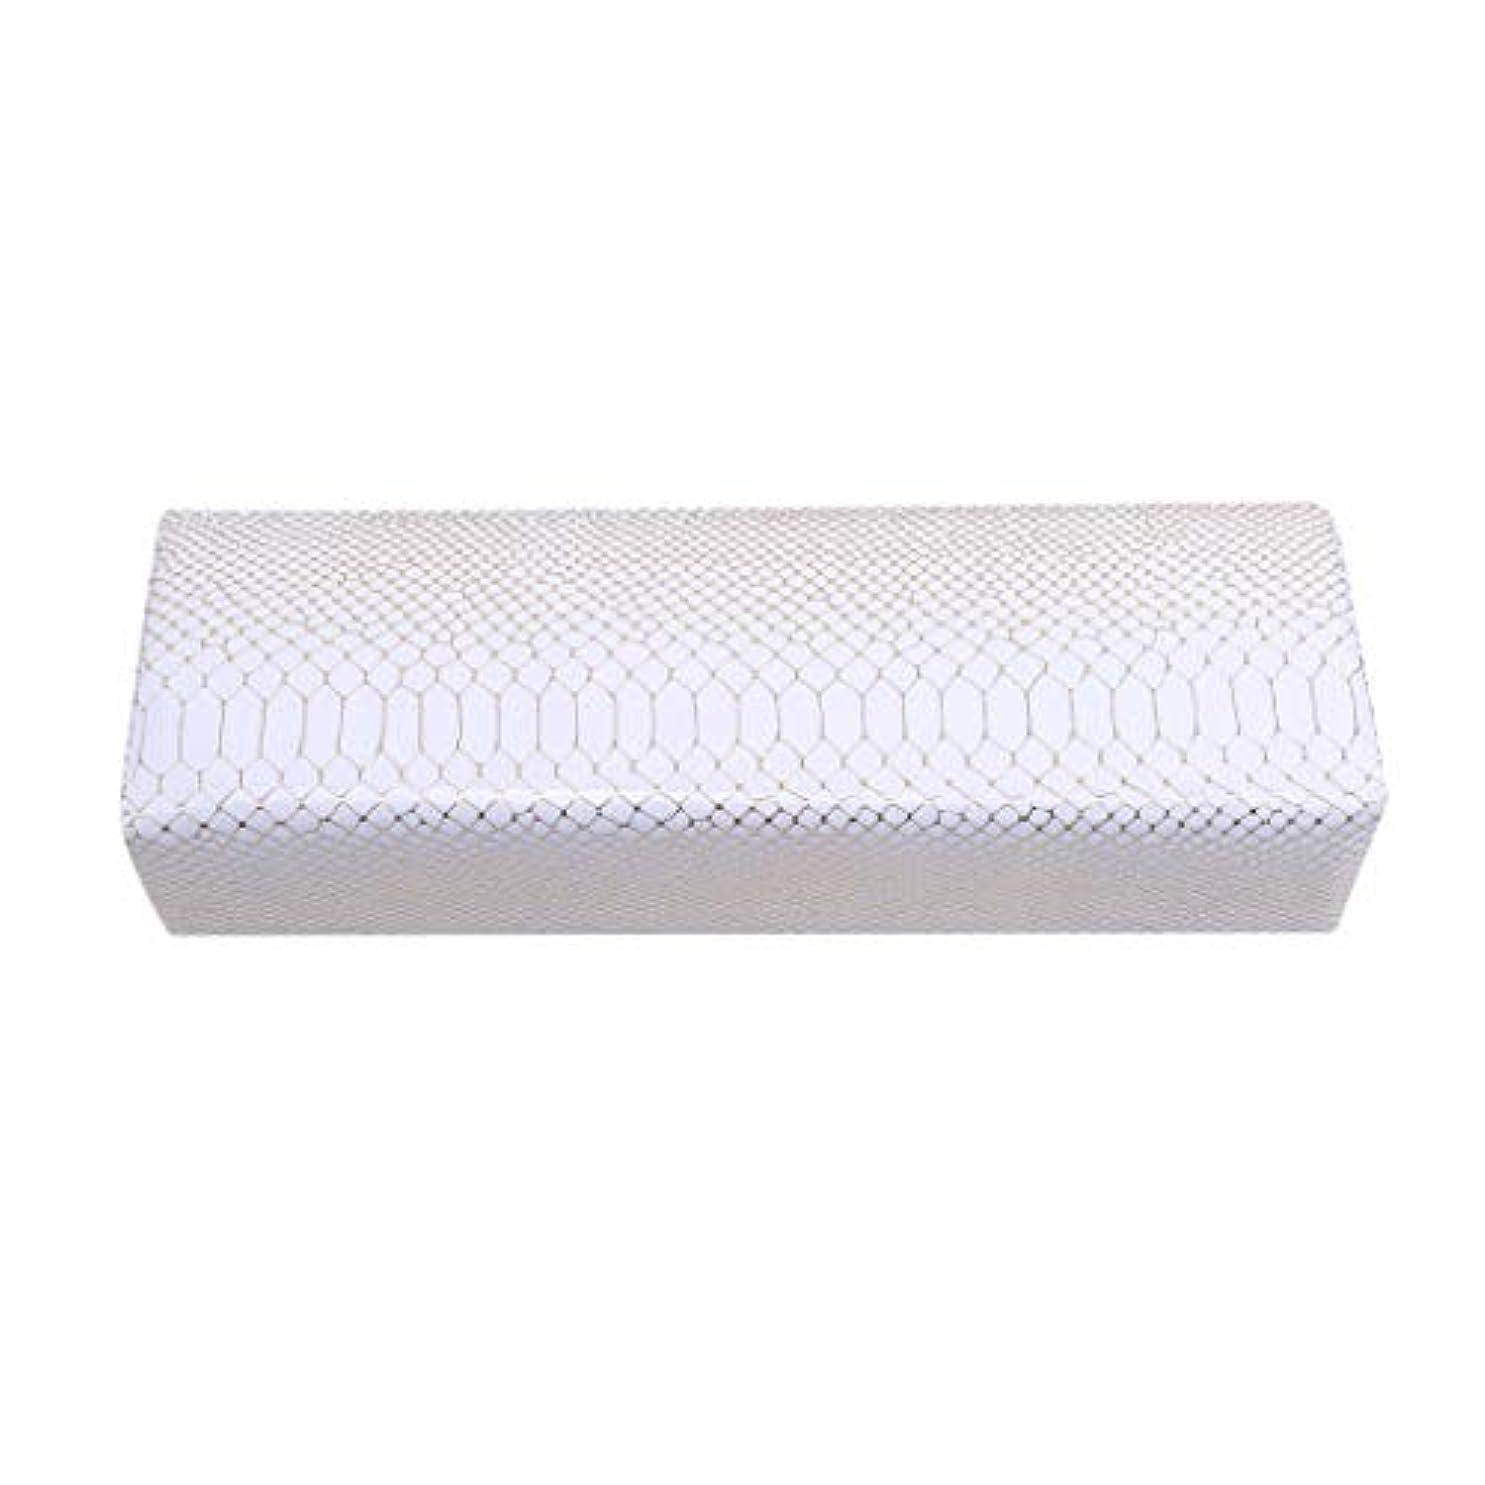 包帯クスコ切るWEILYDF 手の枕 ネイルアート ハンドピロー ジェルネイルまくら ハンドクッション 美容室 サロン サポート 柔らかい